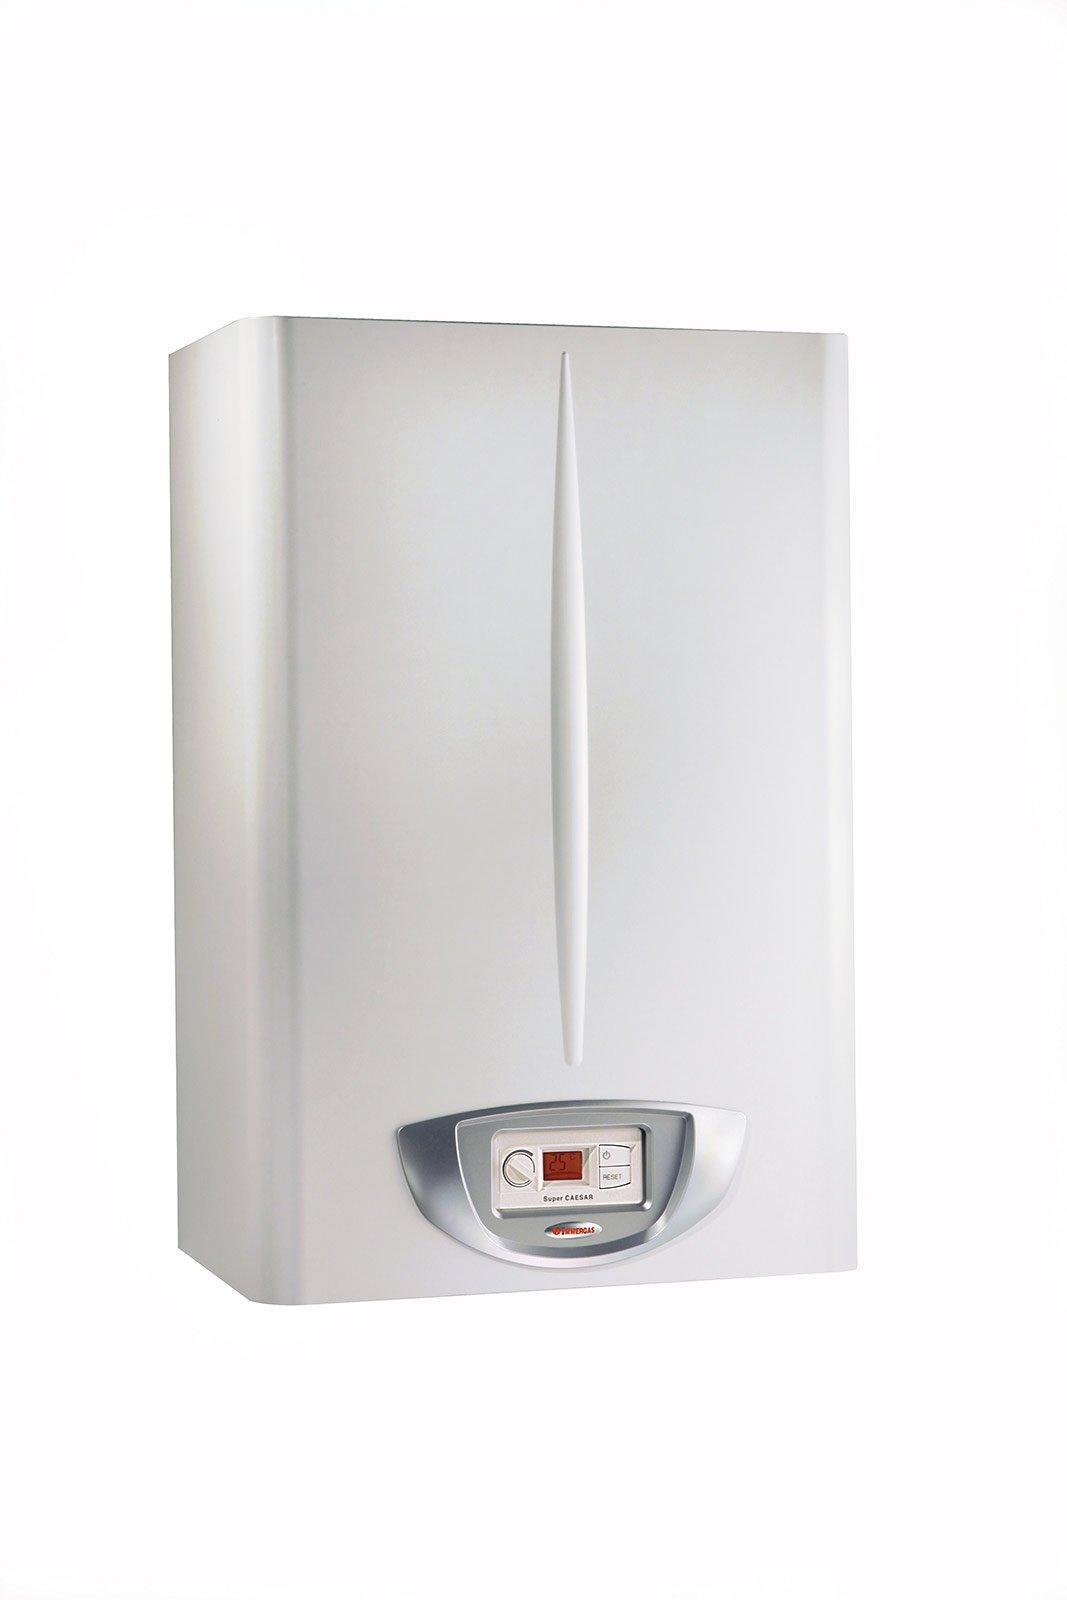 Gli scaldabagno di nuova generazione cose di casa - Scalda bagno elettrico ...